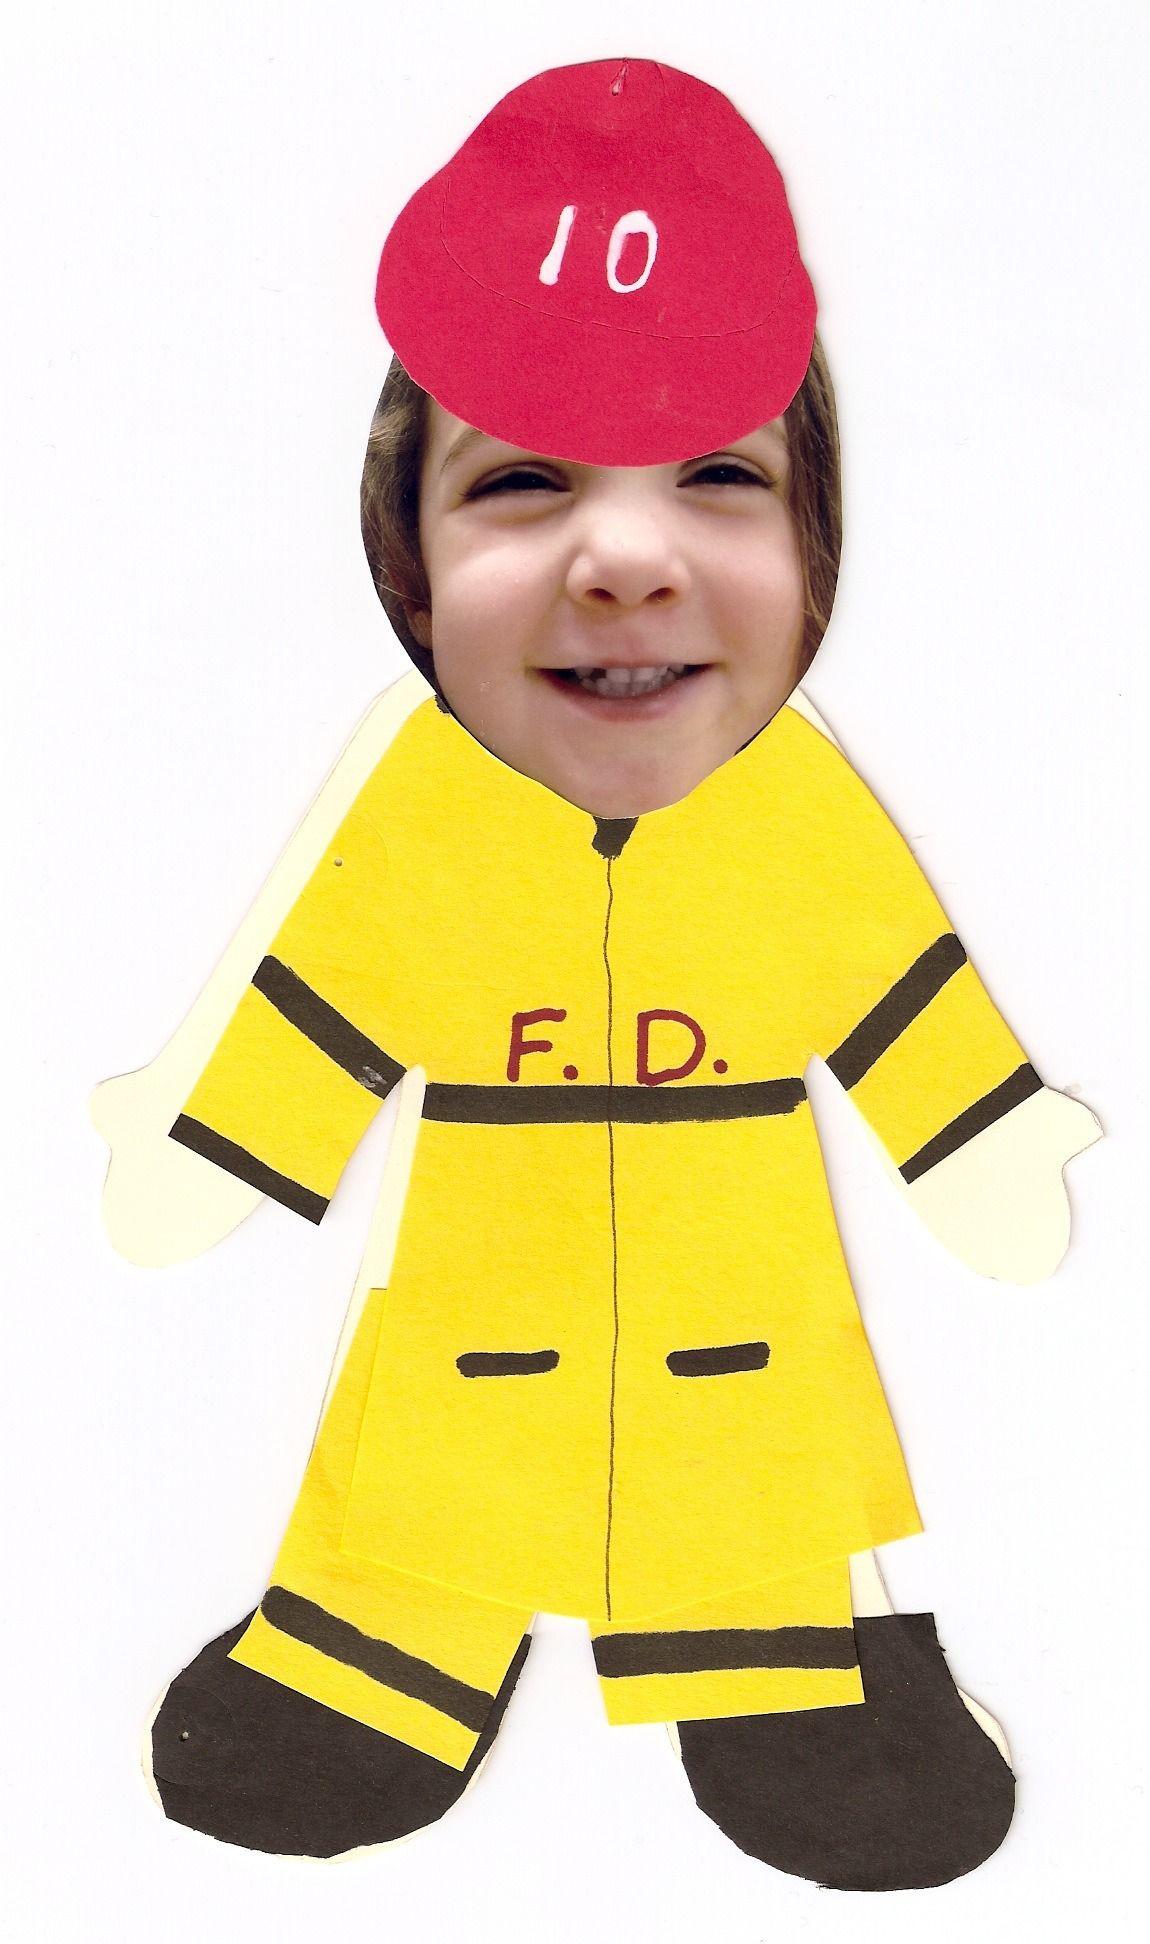 Fireman Crafts For Preschoolers